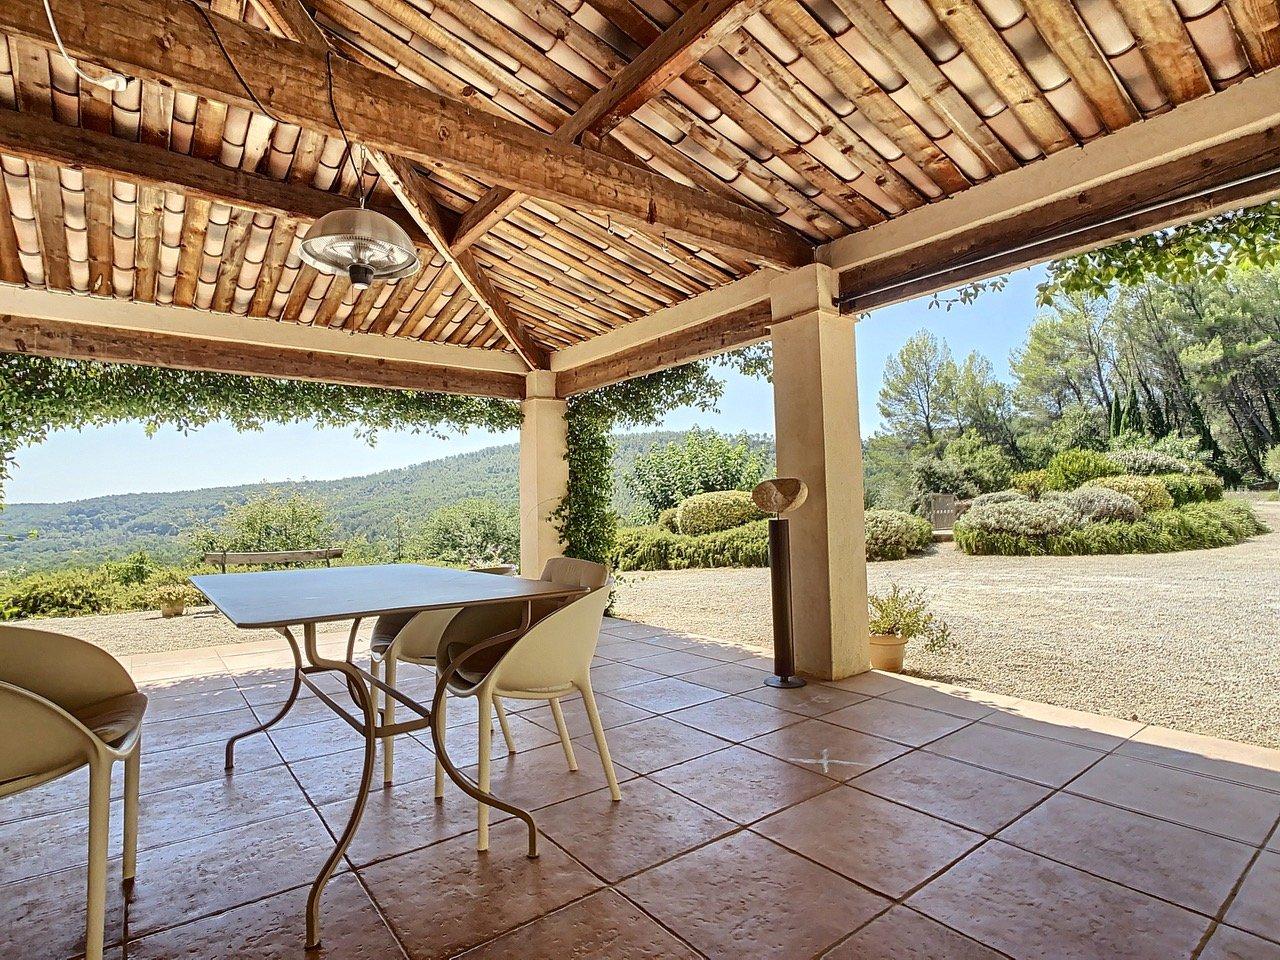 Recente villa met zwembad en uitzicht, unieke locatie